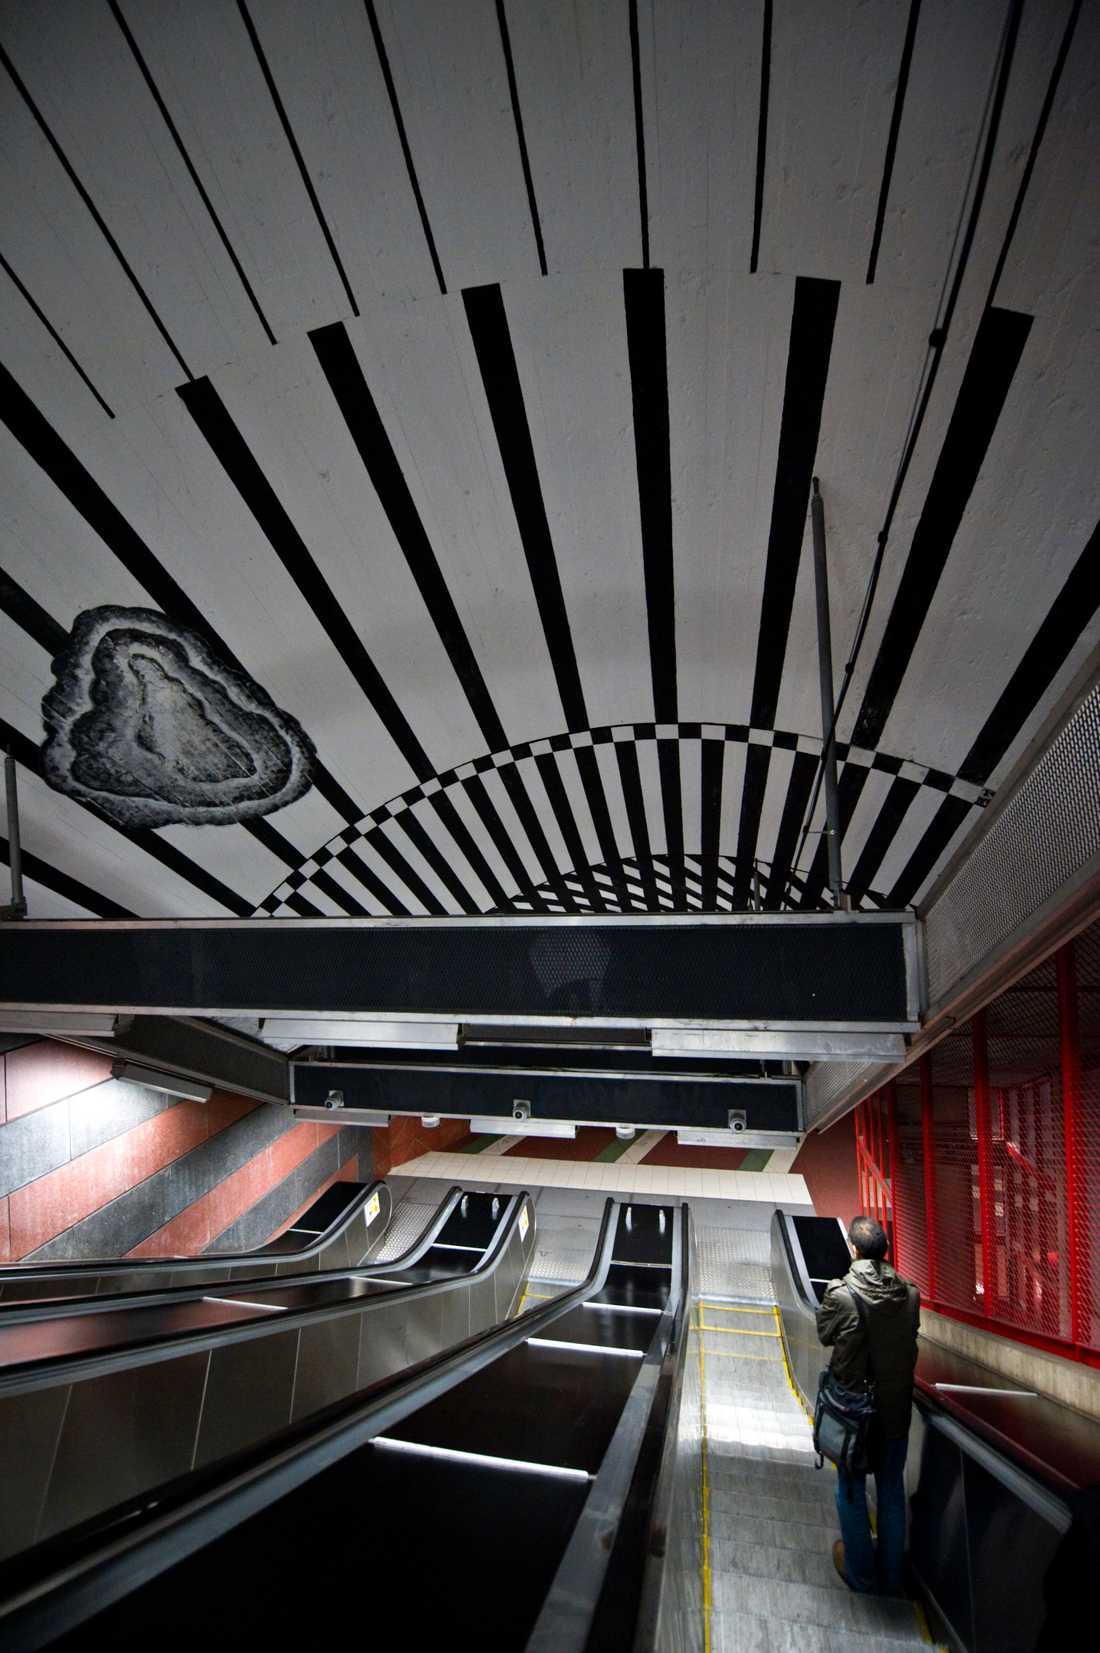 Sverige är också bäst på tunnelbanekonst och sägs ha världens längsta konstutställning på 110 kilometer i Stockholm.